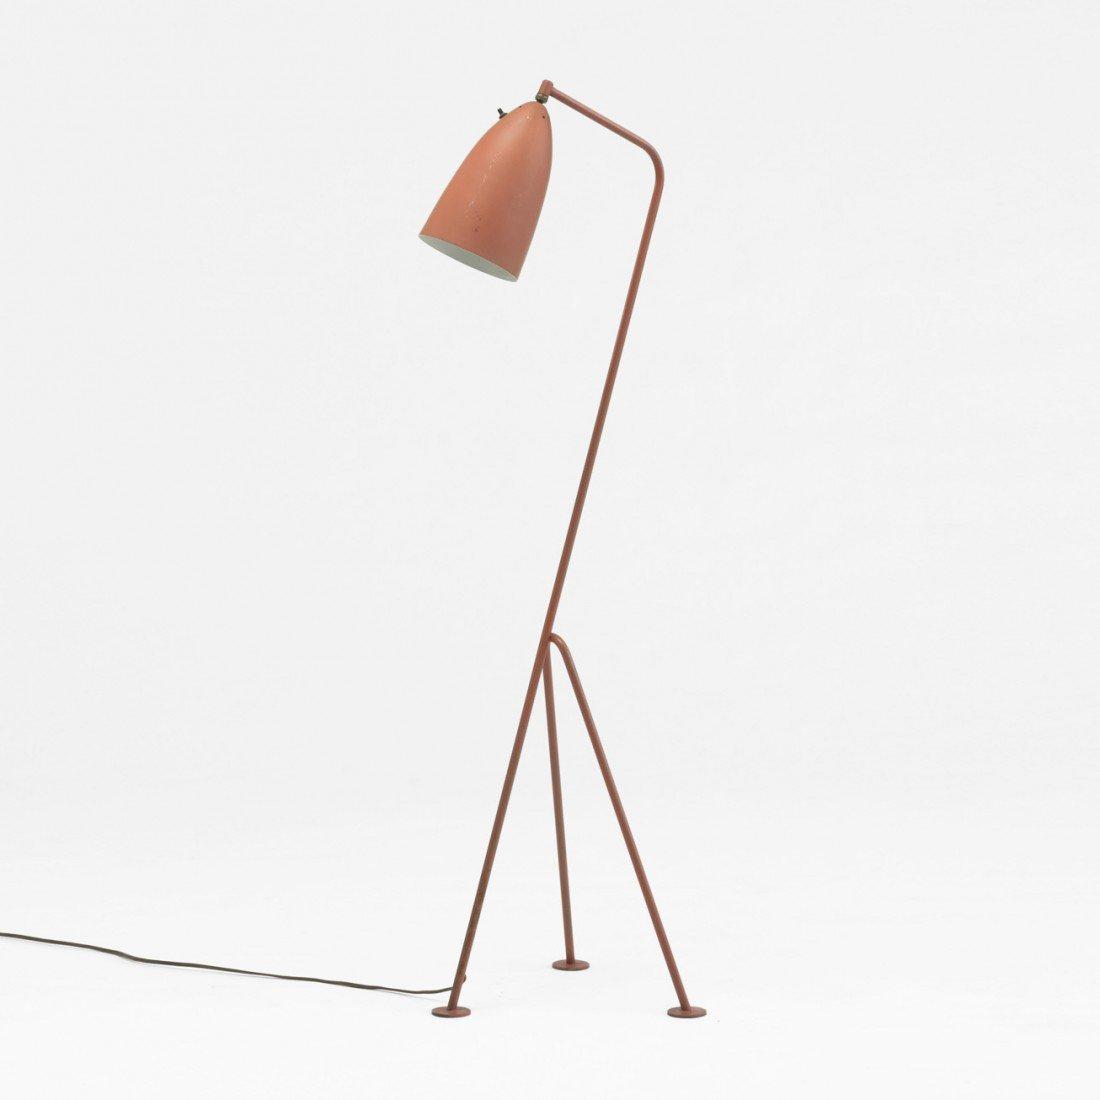 100: Greta  Magnusson Grossman Grasshopper floor lamp